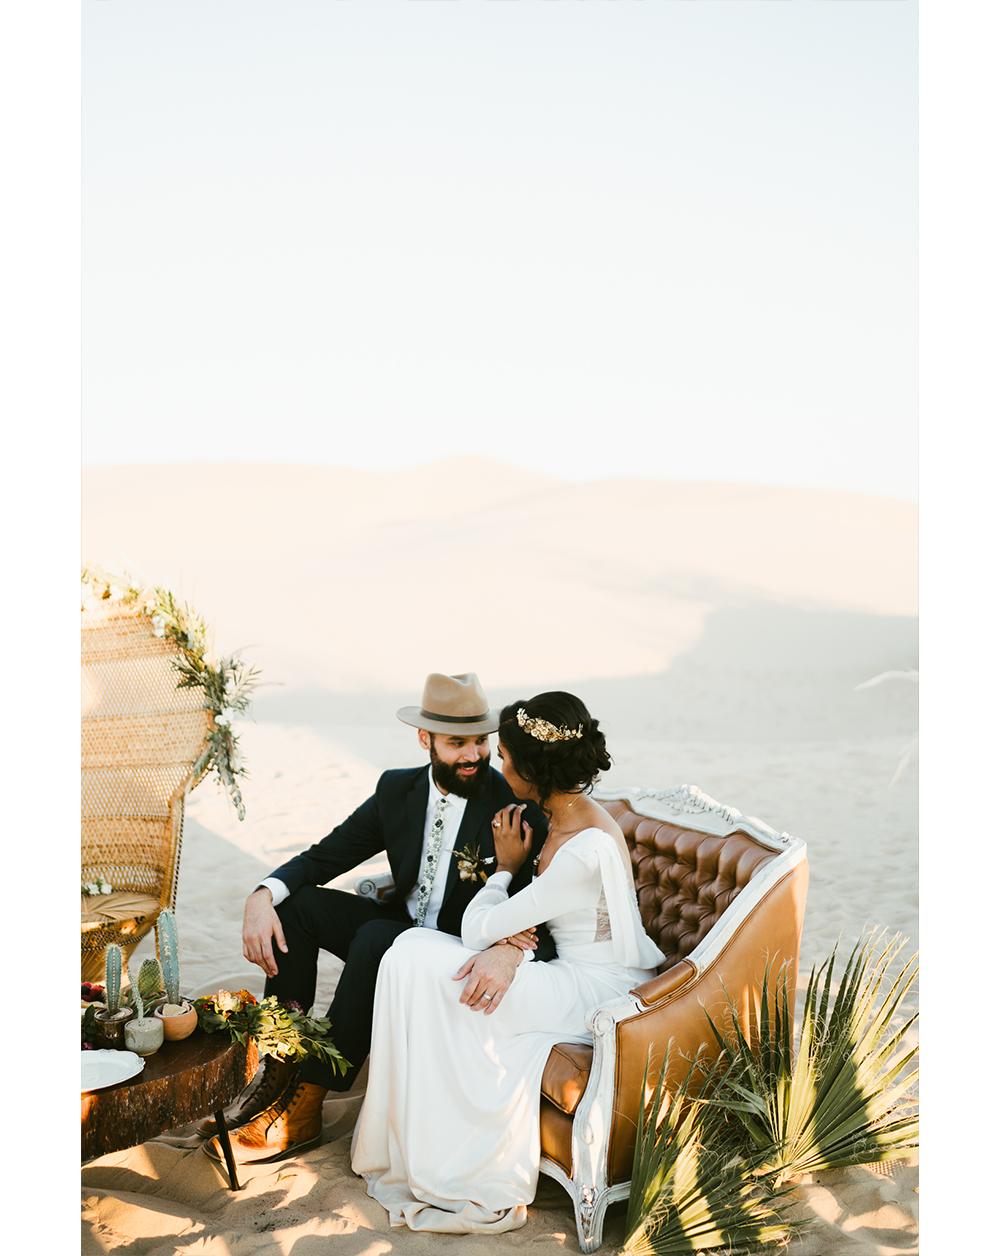 Frida enamorada boda en el desierto de baja california mexico 17.png